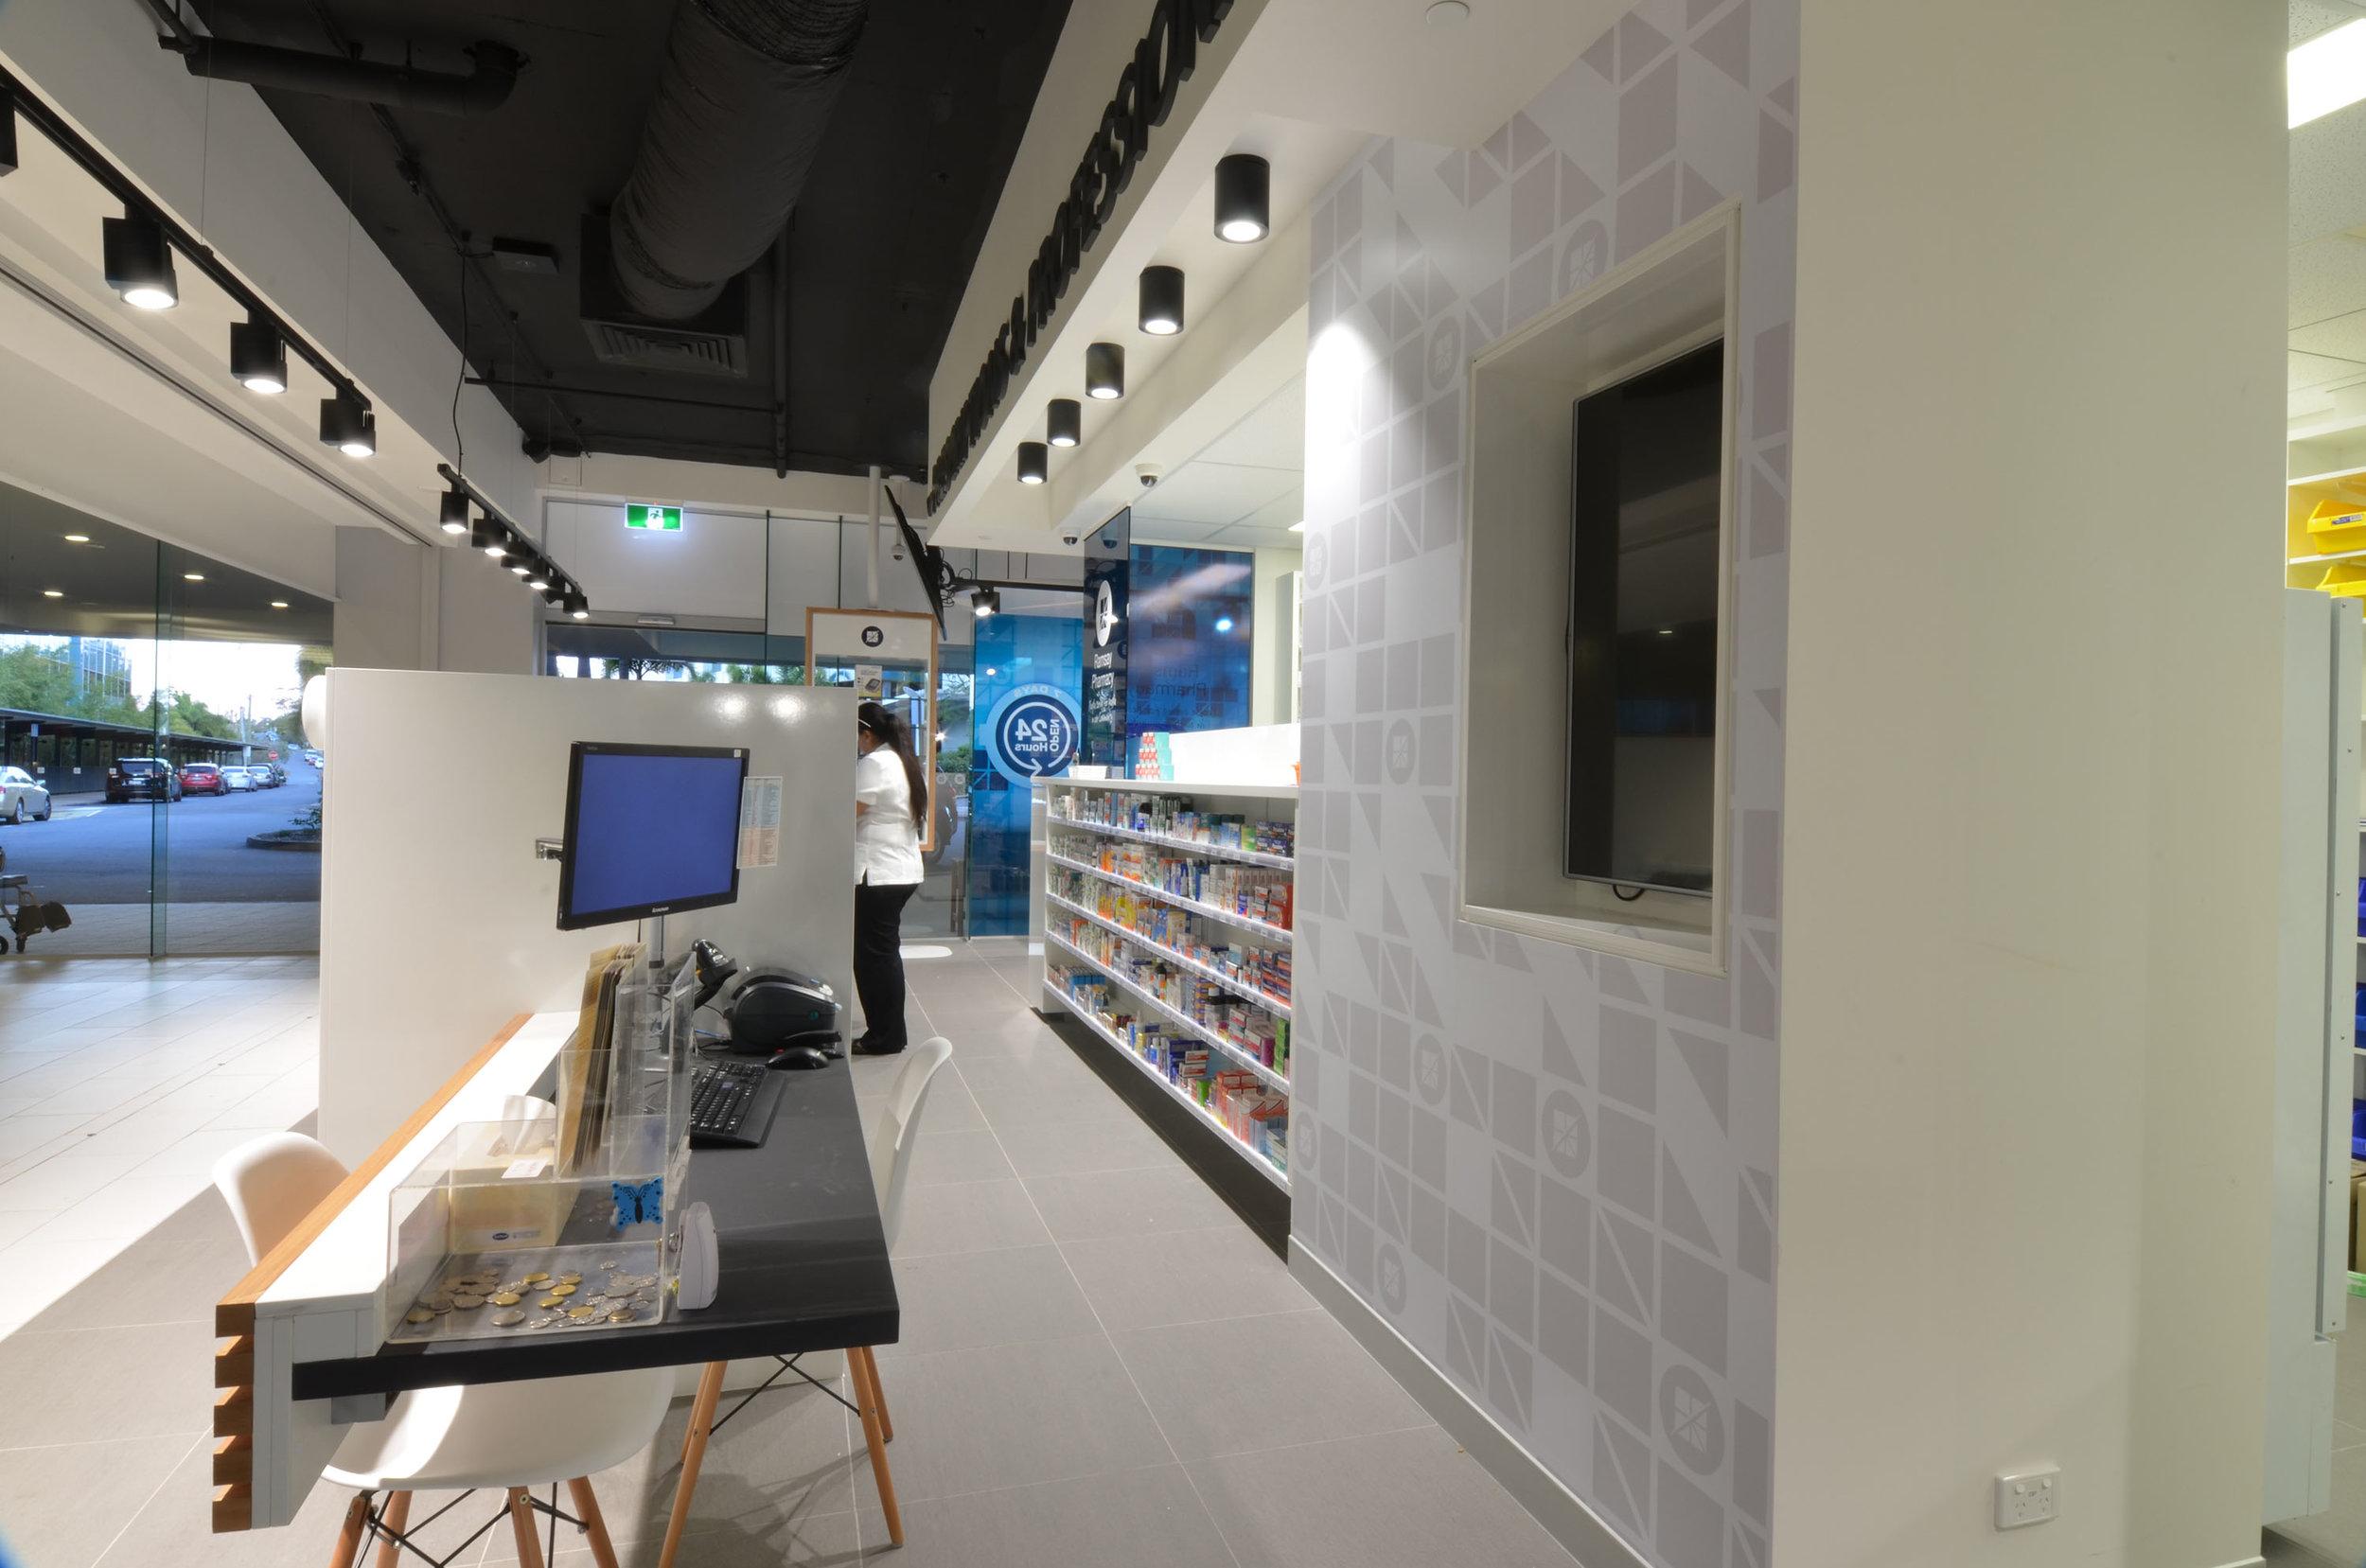 mode-design-ramsay-pharmacy-003.jpg